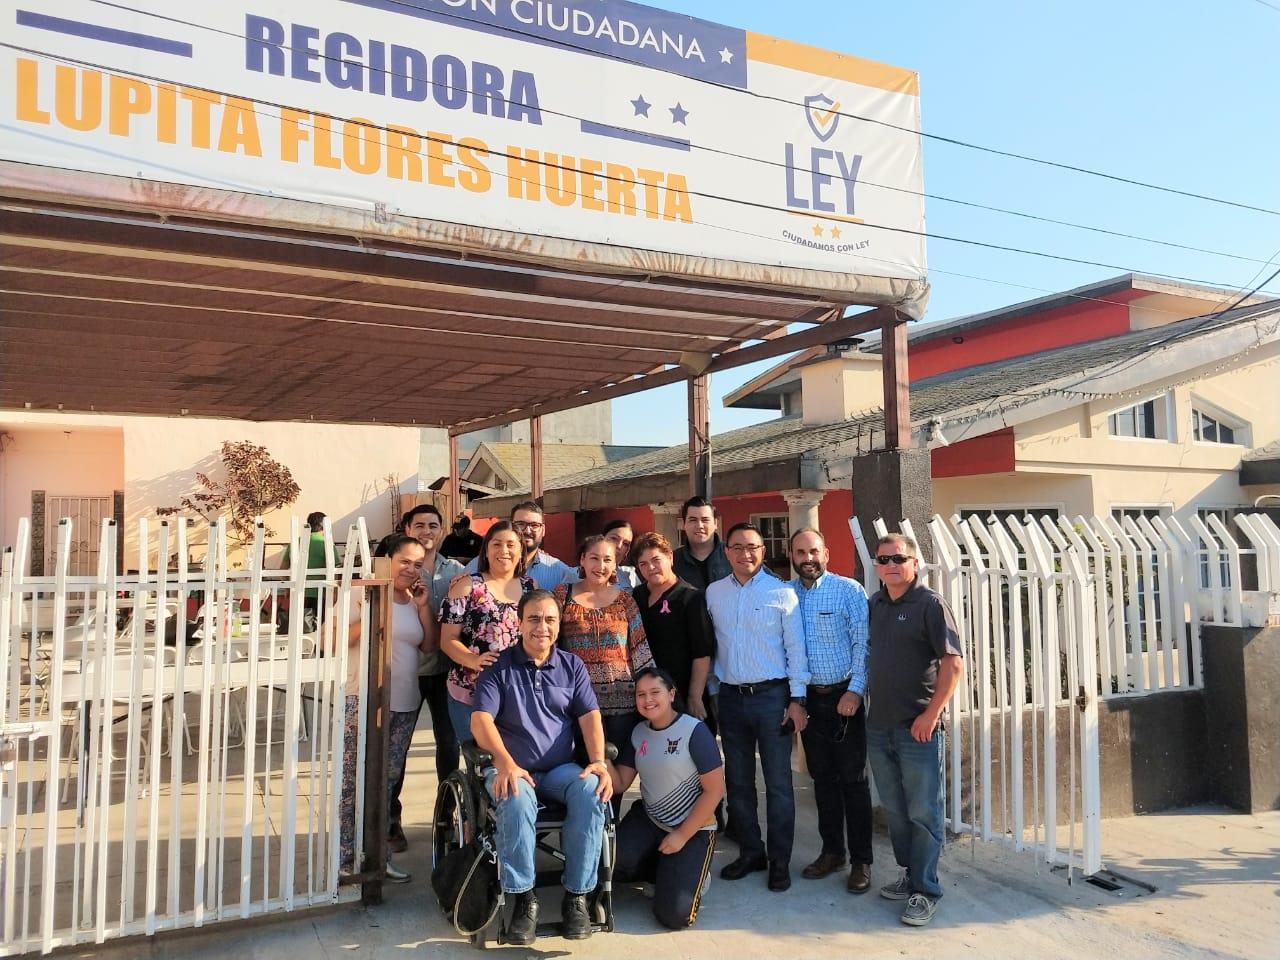 Lupita Flores Huerta inaugura módulo de atención ciudadana